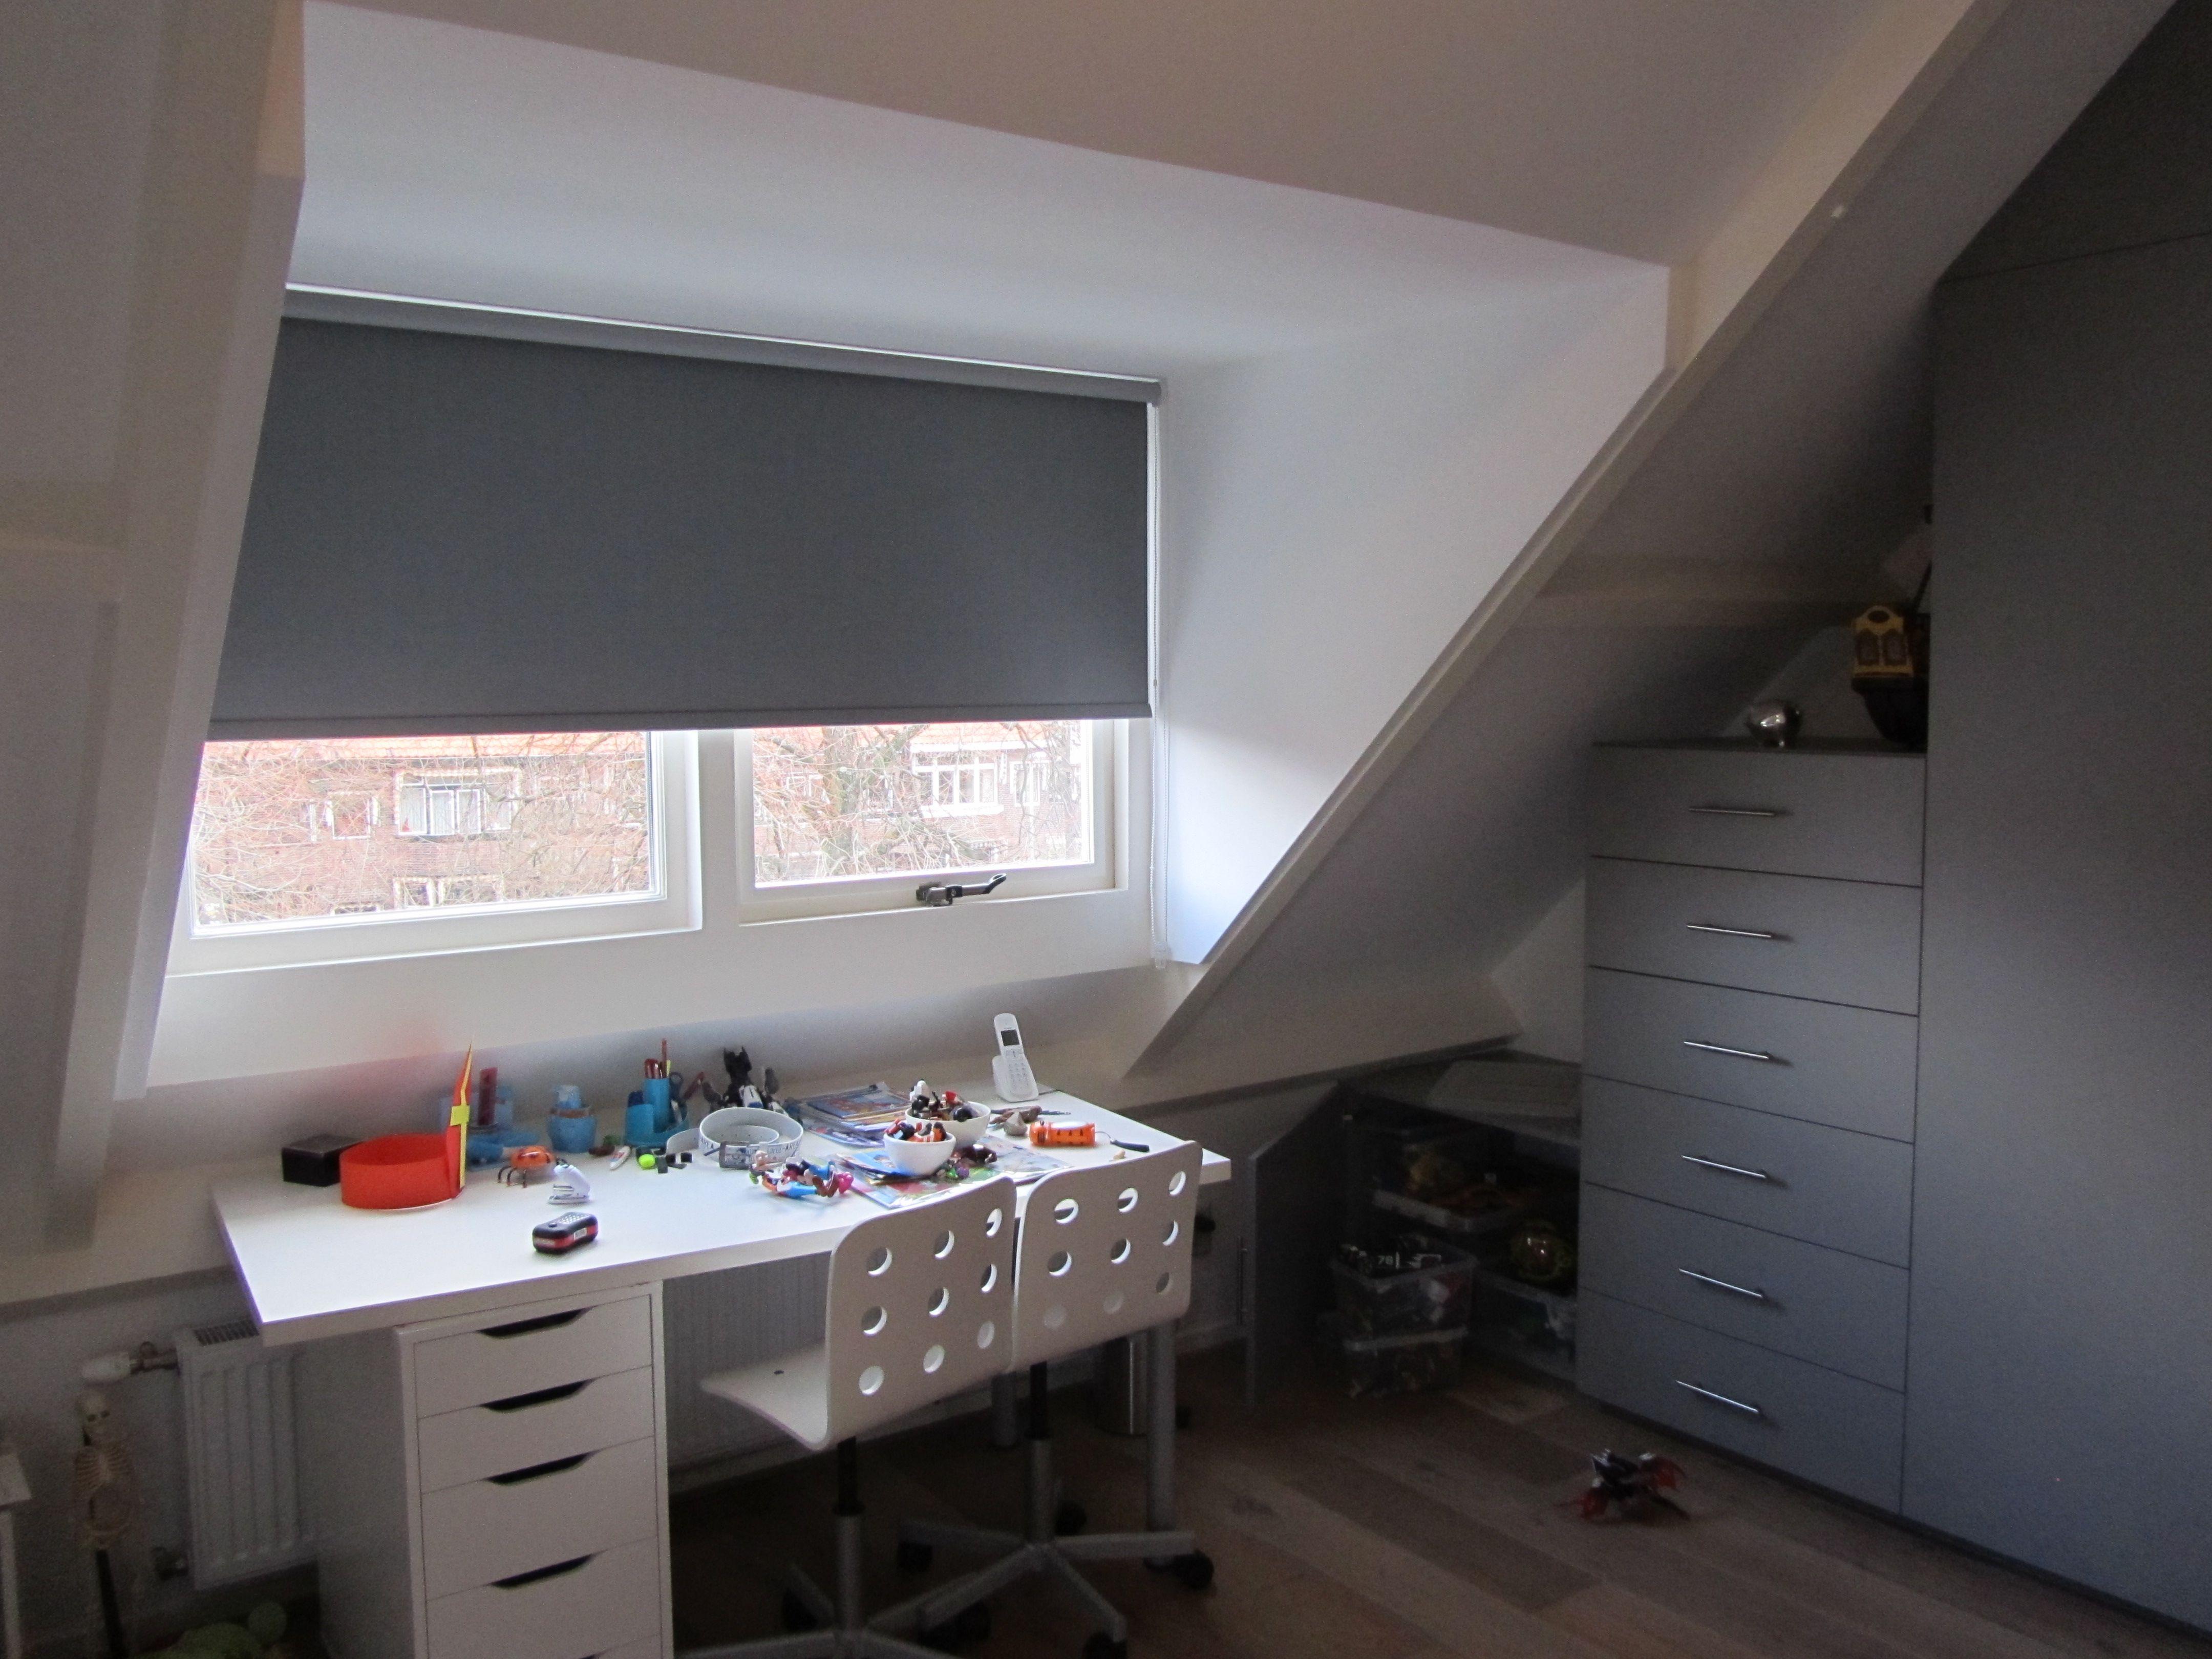 Gordijn Voor Dakraam : Gordijn ideeen dakraam binnenluiken shutters interieur luiken